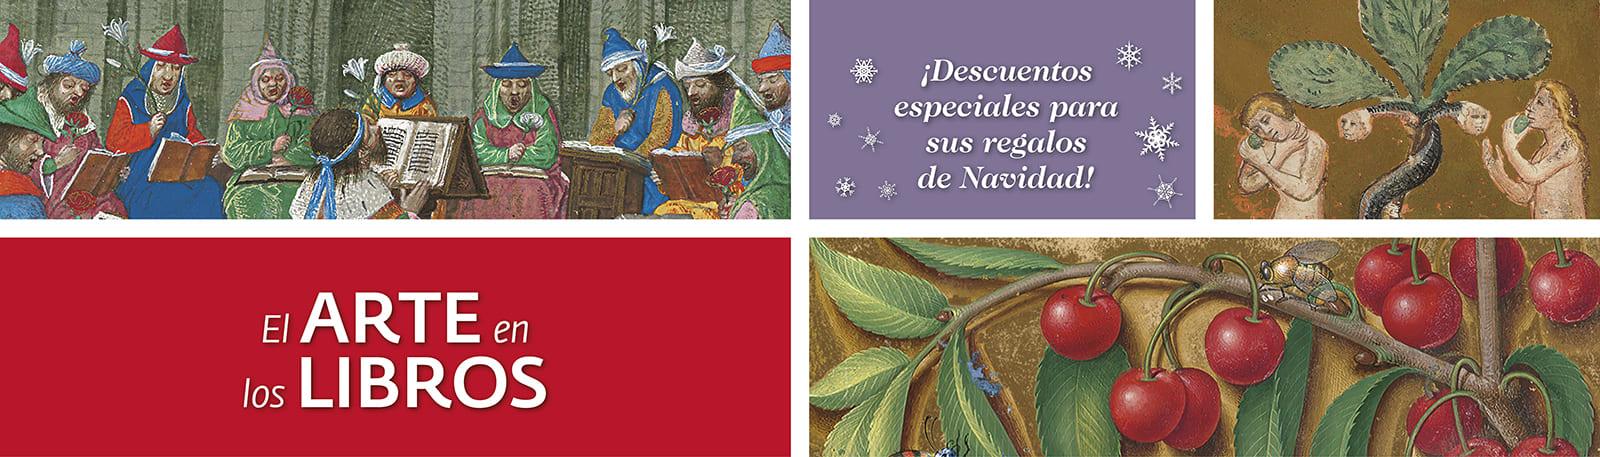 El Arte en los Libros - ¡Descuentos especiales para sus regalos de Navidad!